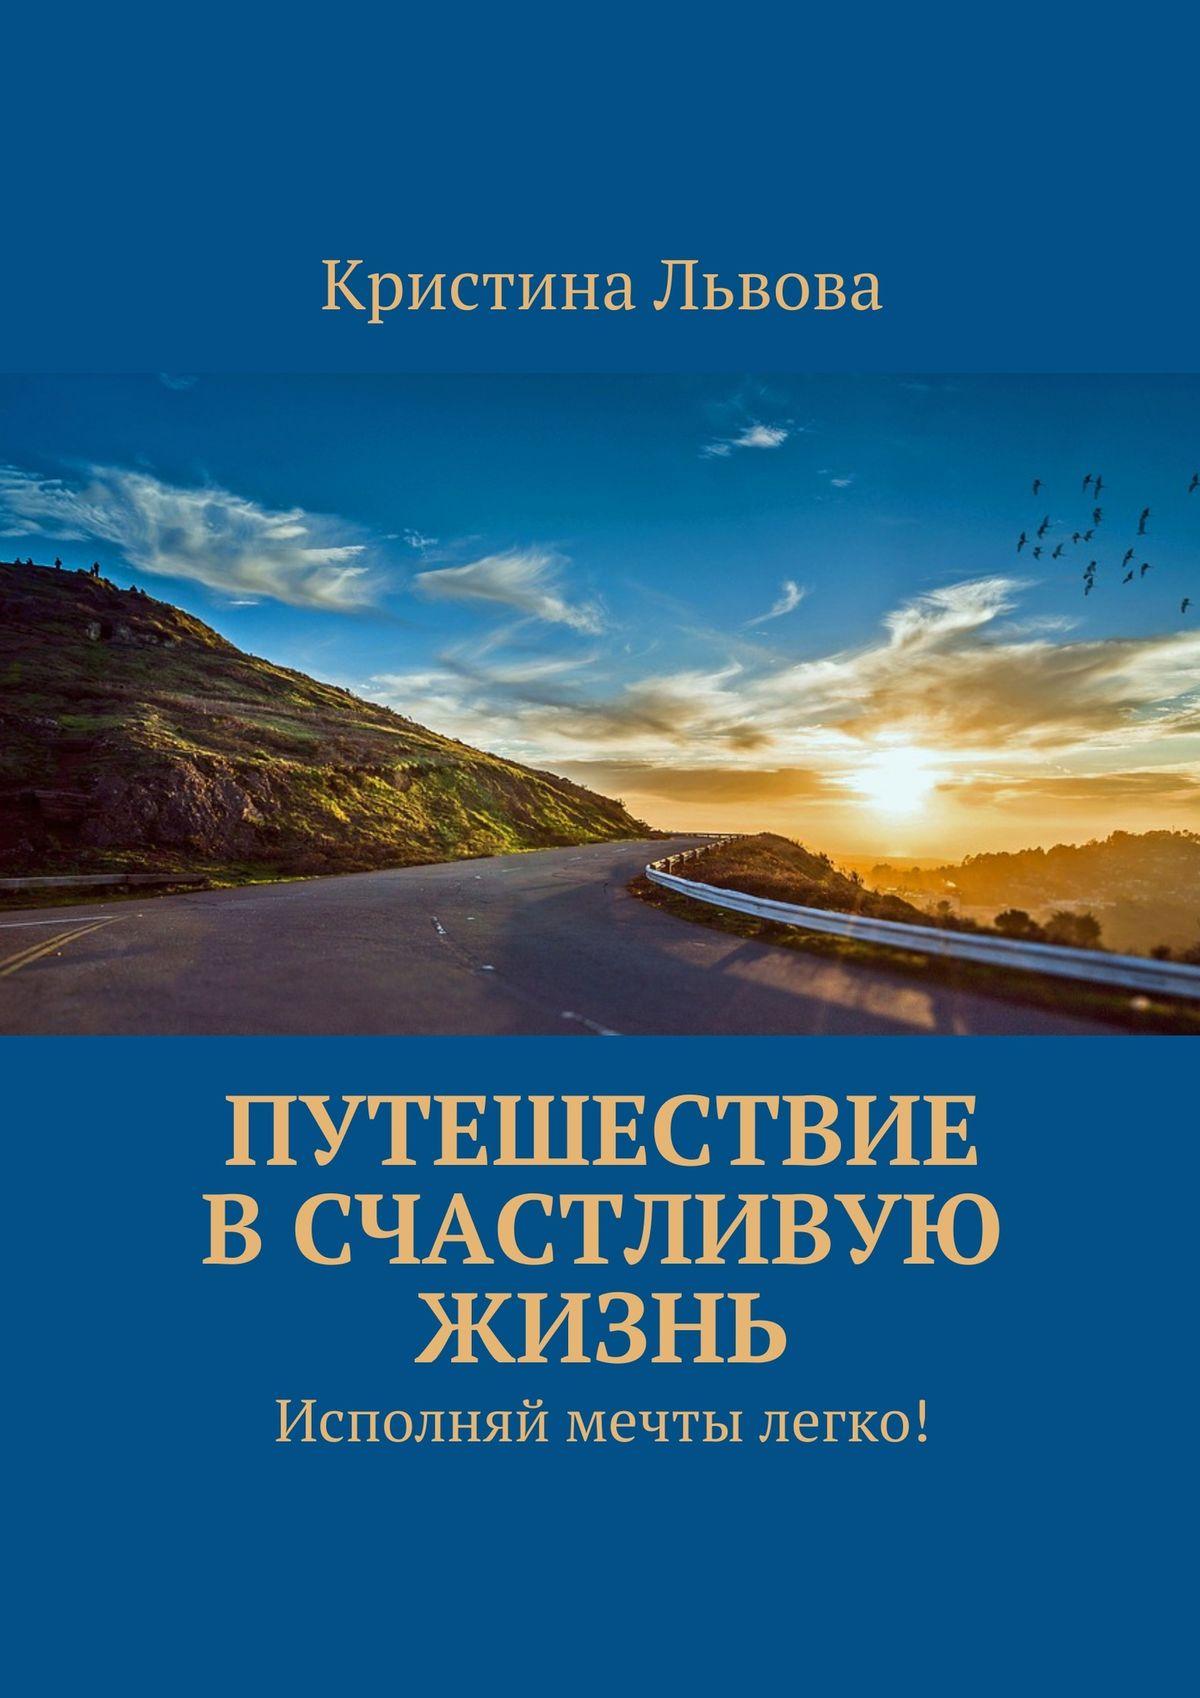 Кристина Львова Путешествие в счастливую жизнь. Исполняй мечты легко!